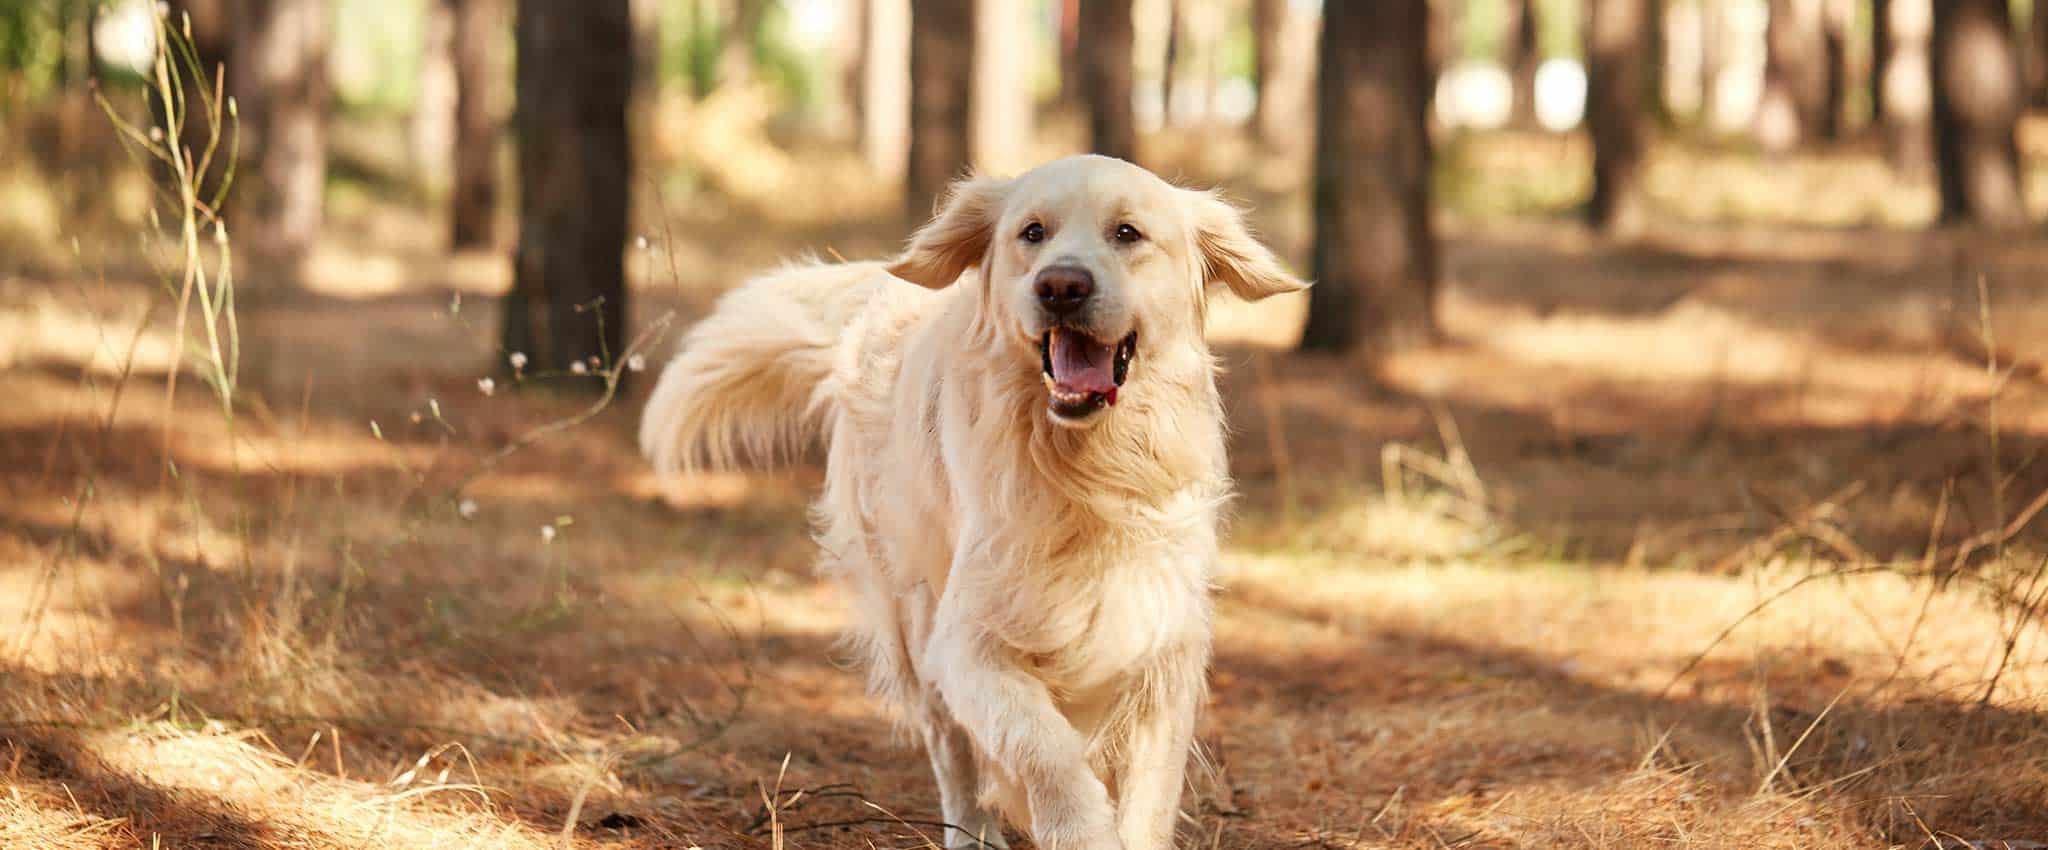 A golden retriever running in the outdoors